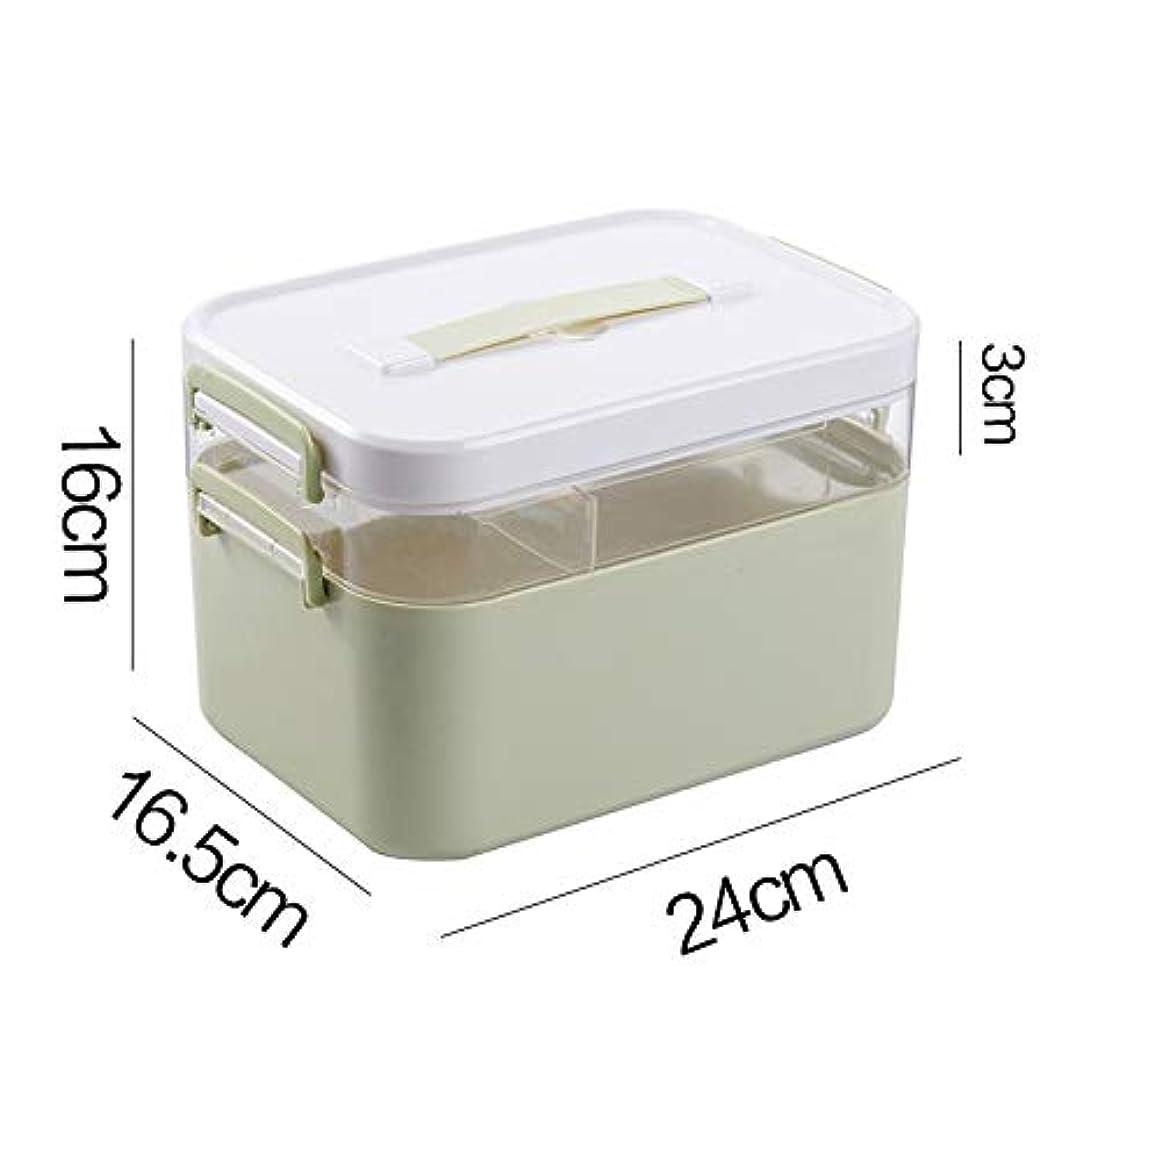 ナビゲーションシャイ鍔NYDZDM 薬箱収納ボックス、職場応急処置キット、ファミリープラスチック応急処置収納ボックス (Color : Double layer, Size : M)